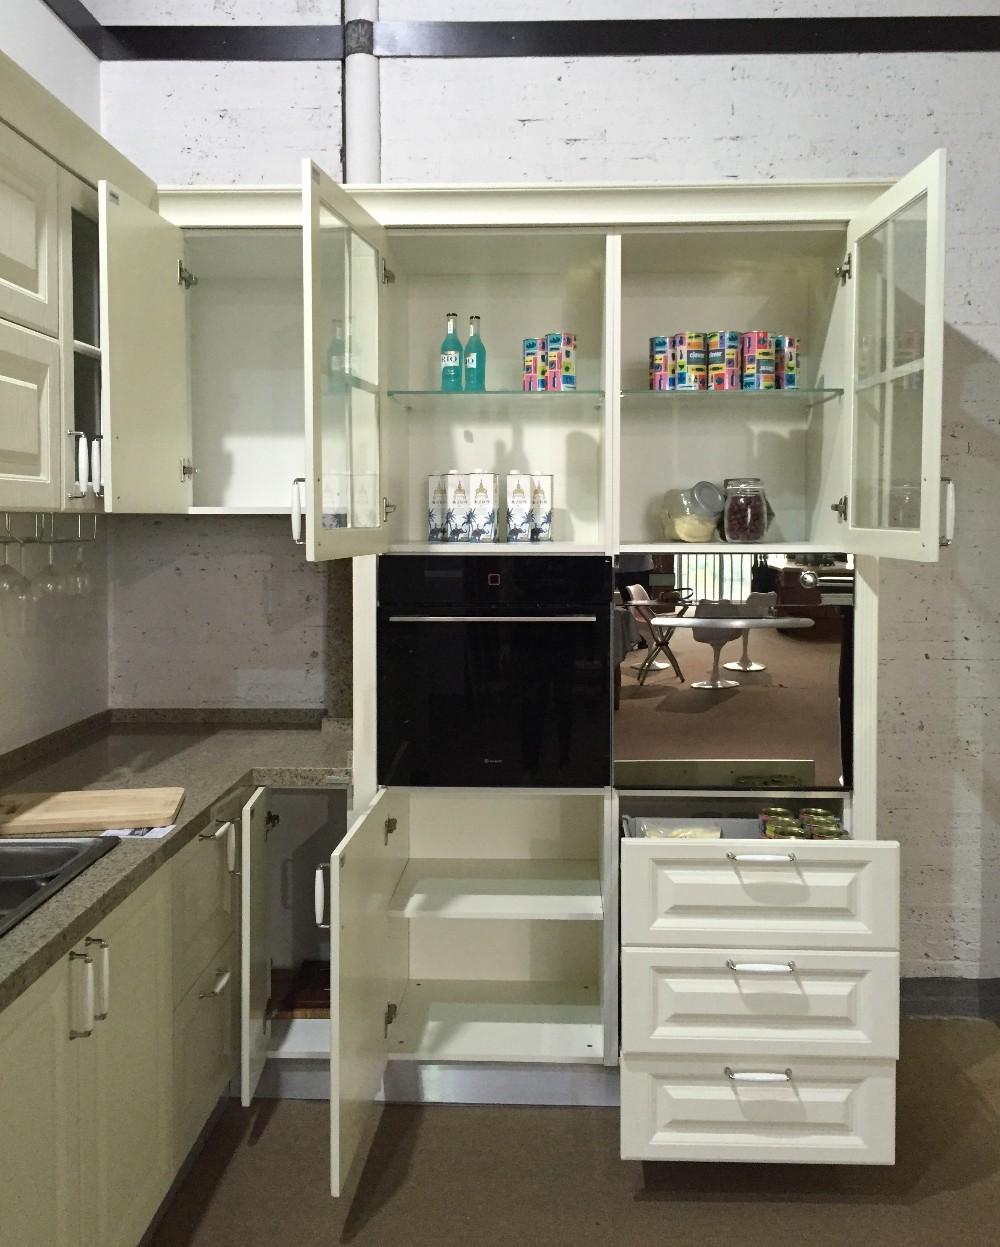 Keukenkast glazen ontwerp - Moderne keukenkast ...